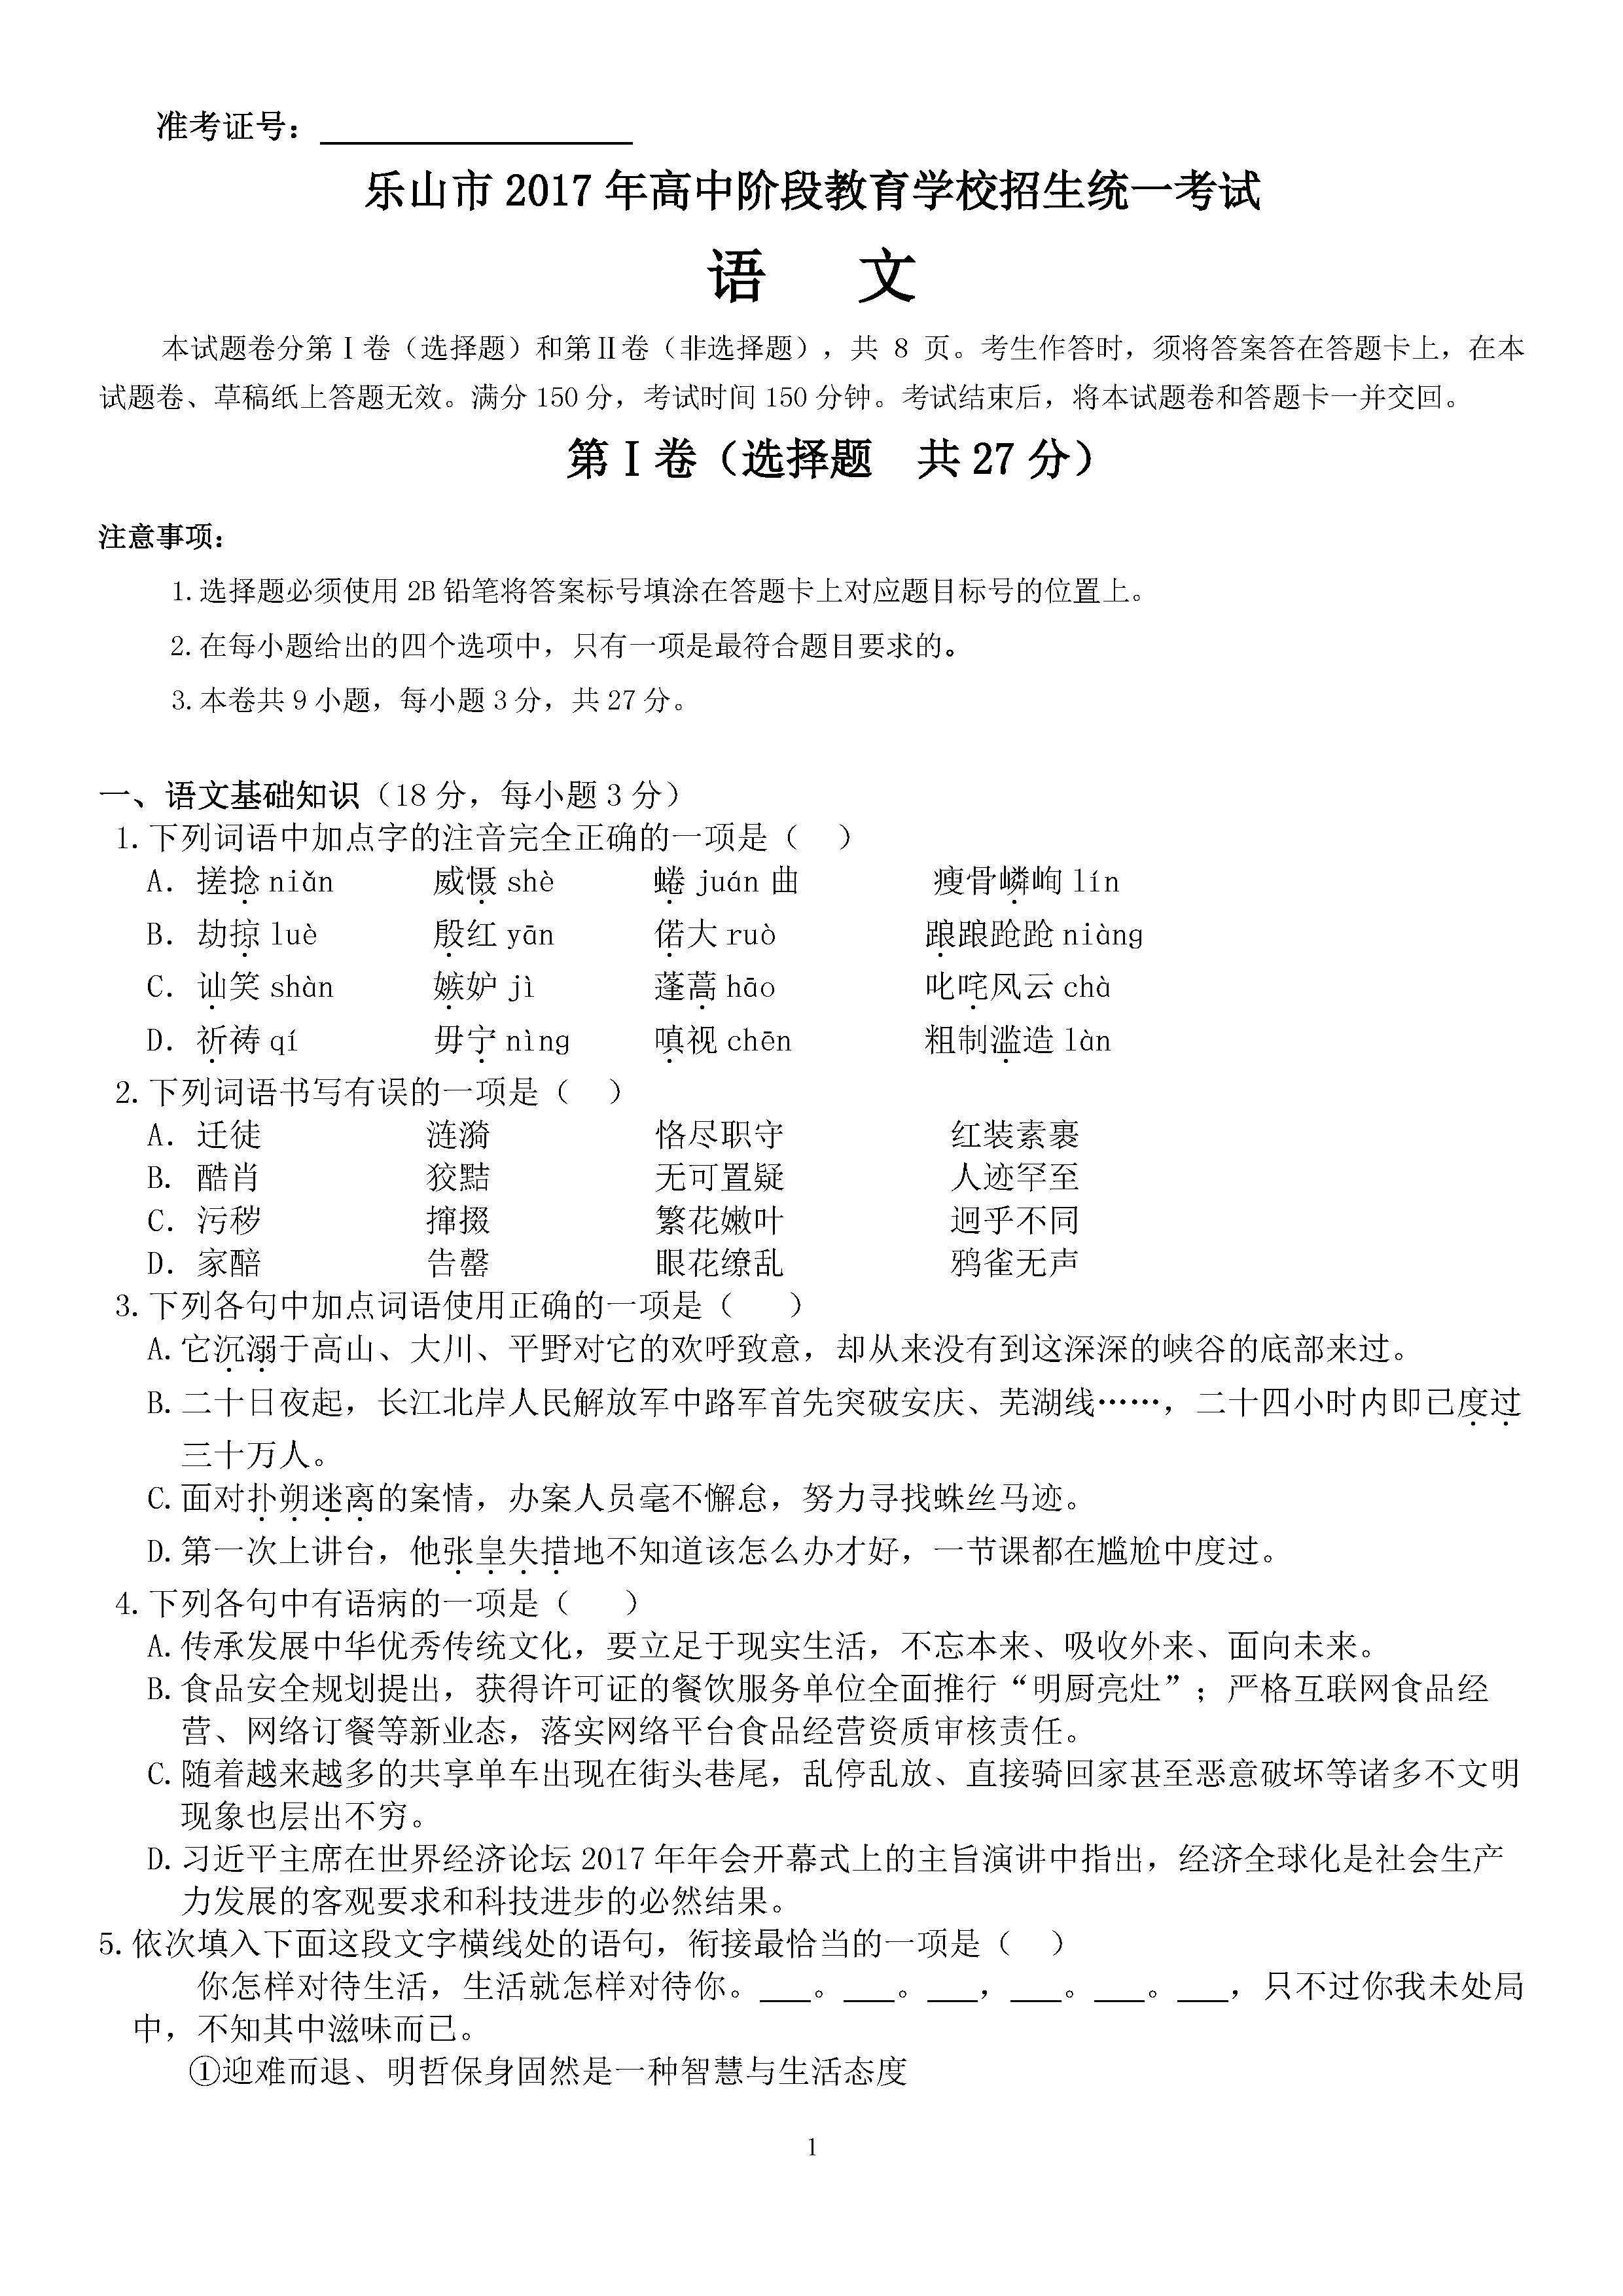 2017乐山中考语文试题及答案解析(word版含答案)